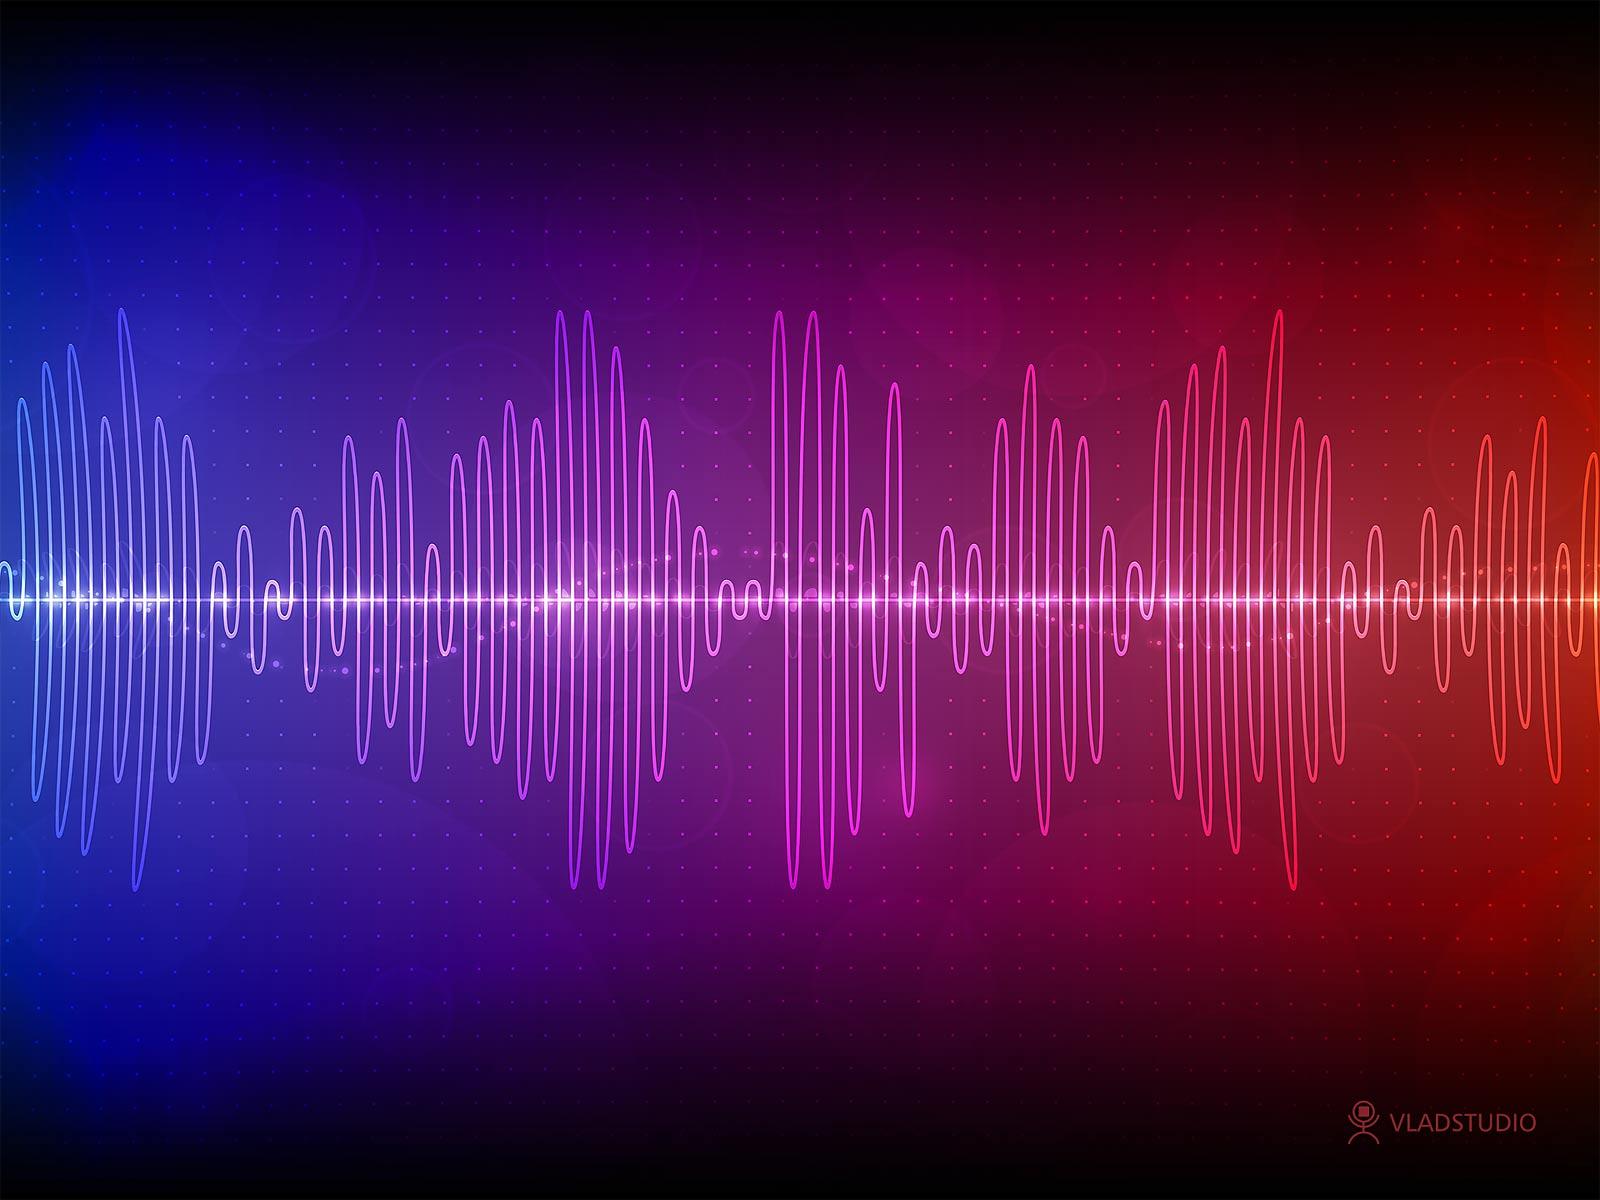 Sound Wave by vladstudio 1600x1200